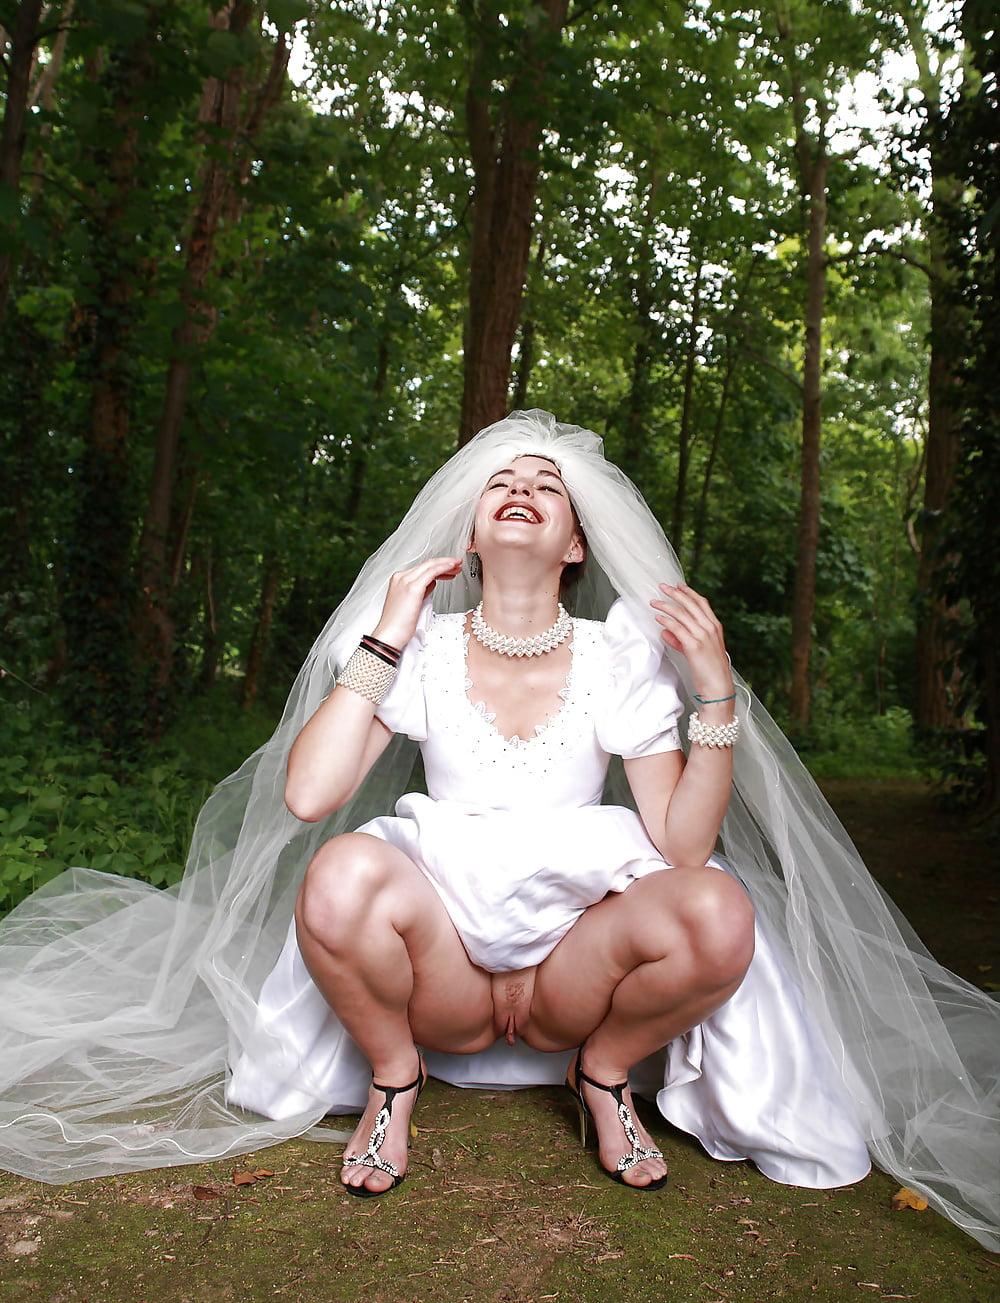 Видео онлайн ню фото невеста светит пиздой видео жена взяла